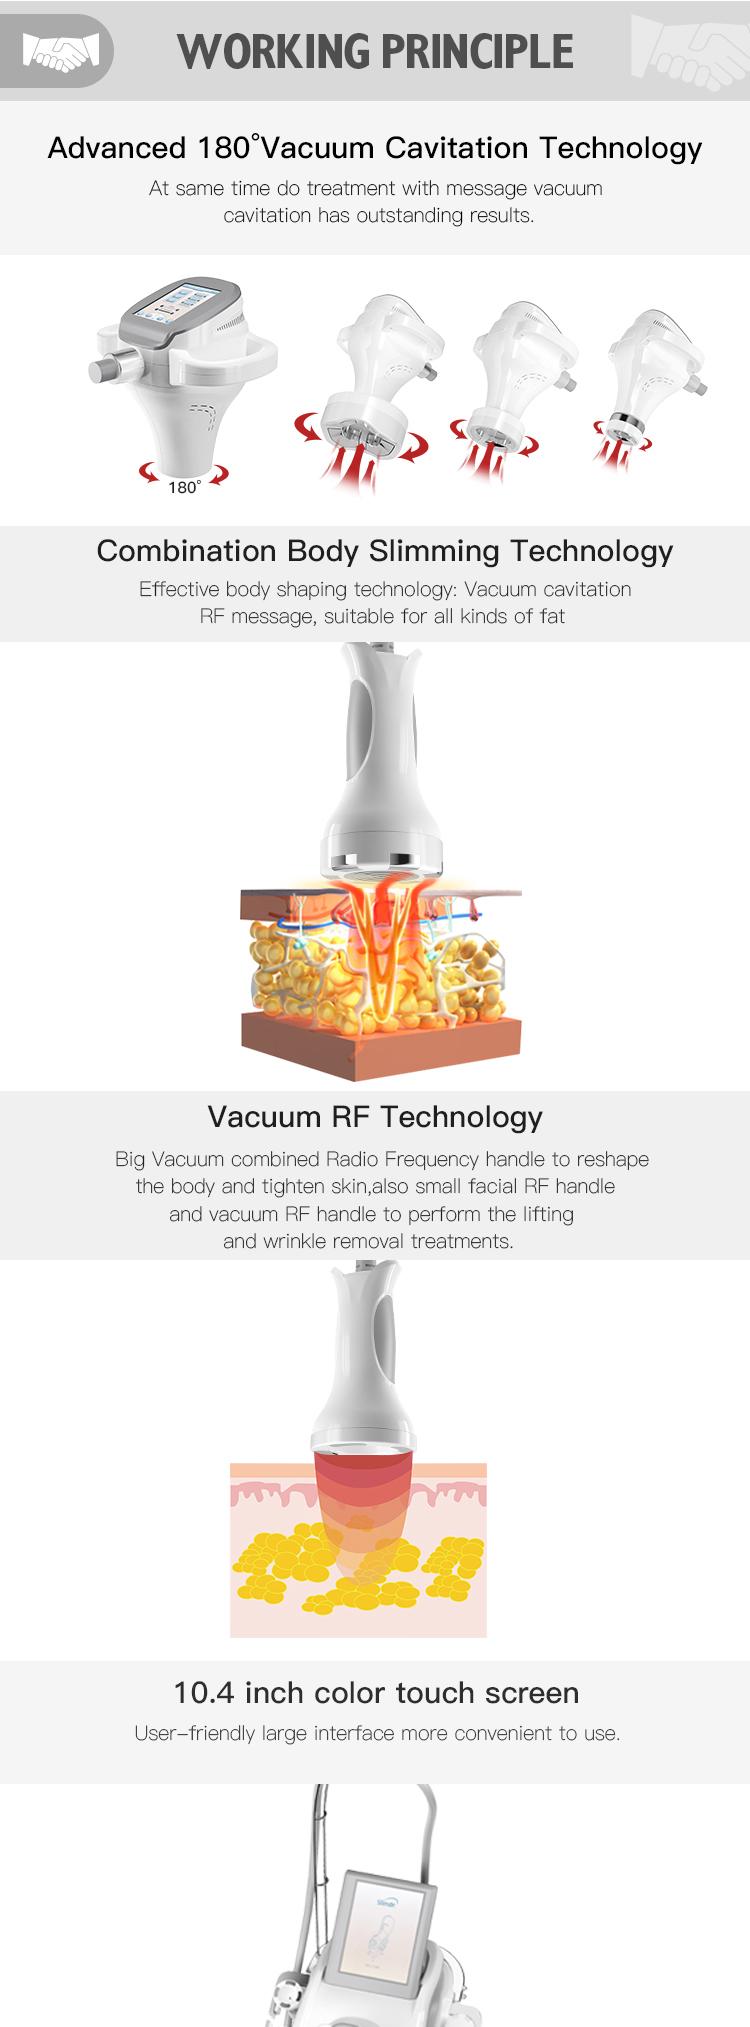 2019 Новое поступление продукта Кавитация и диодный лазер для похудения ультразвуковой сжигание жира потеря веса машина